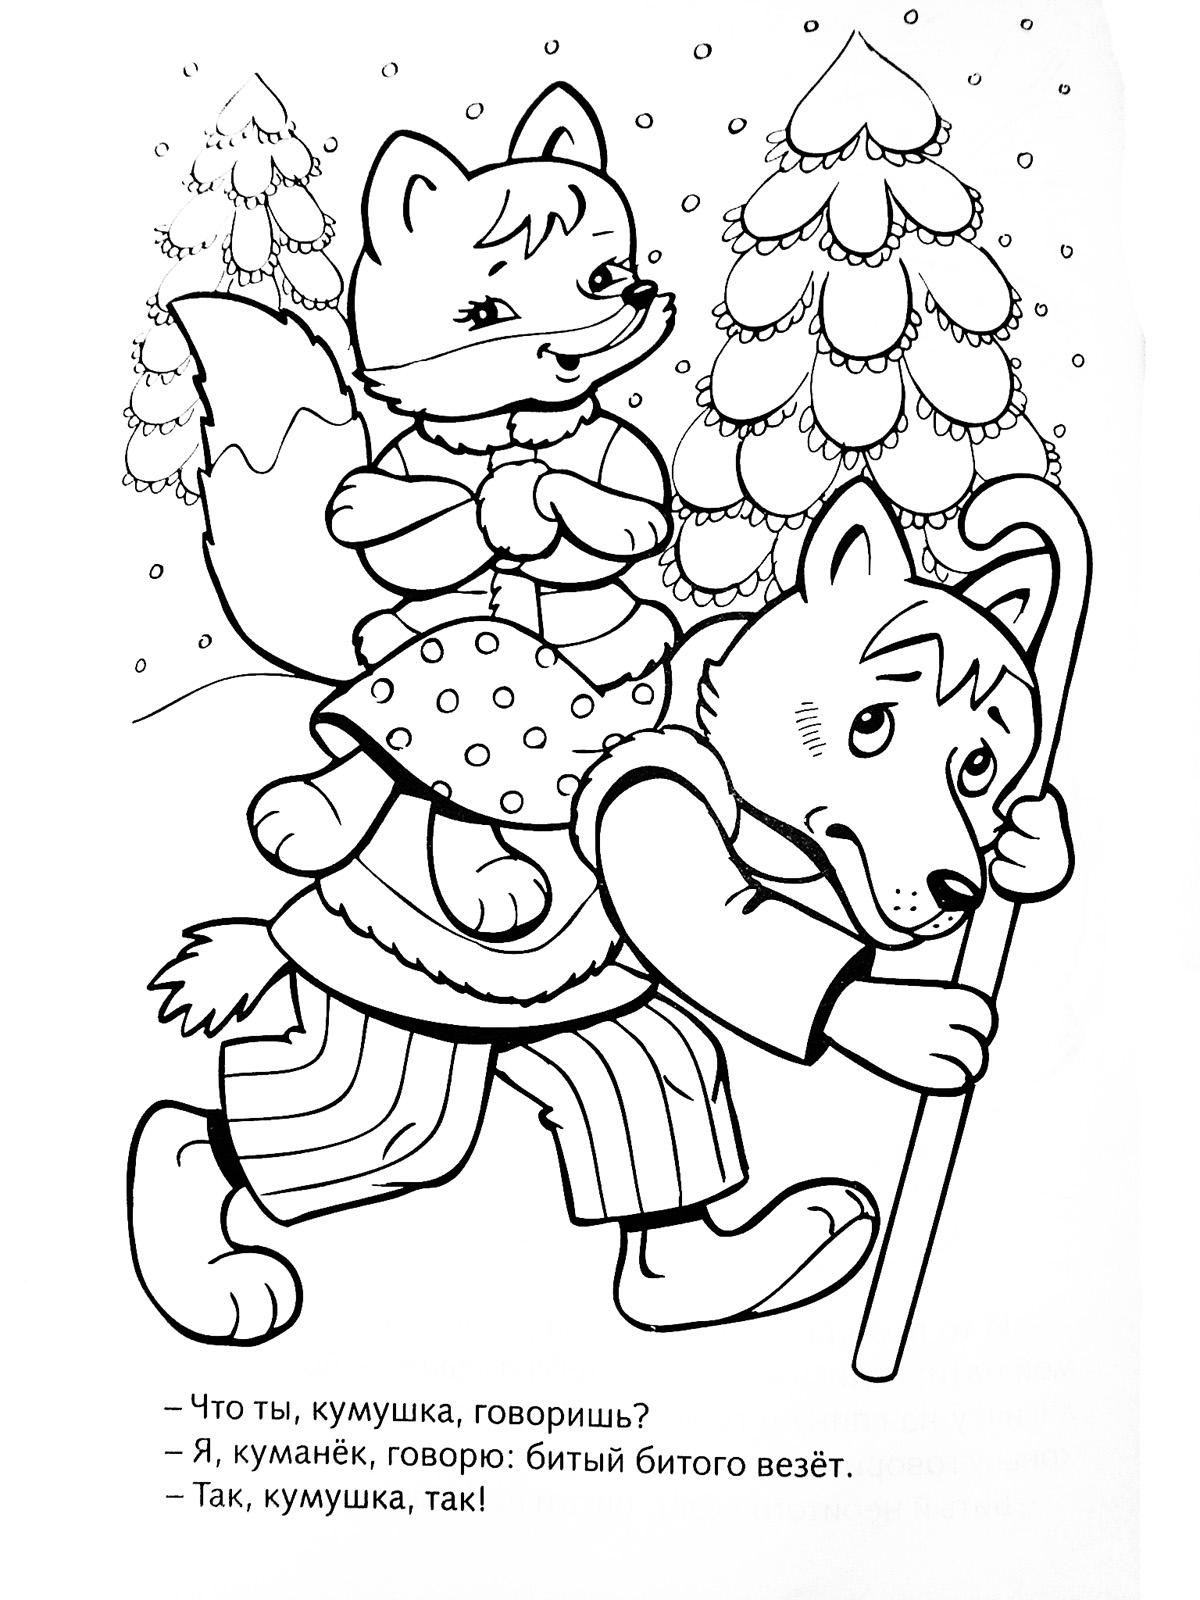 Волк везет лисичку на спине Детские раскраски зима распечатать